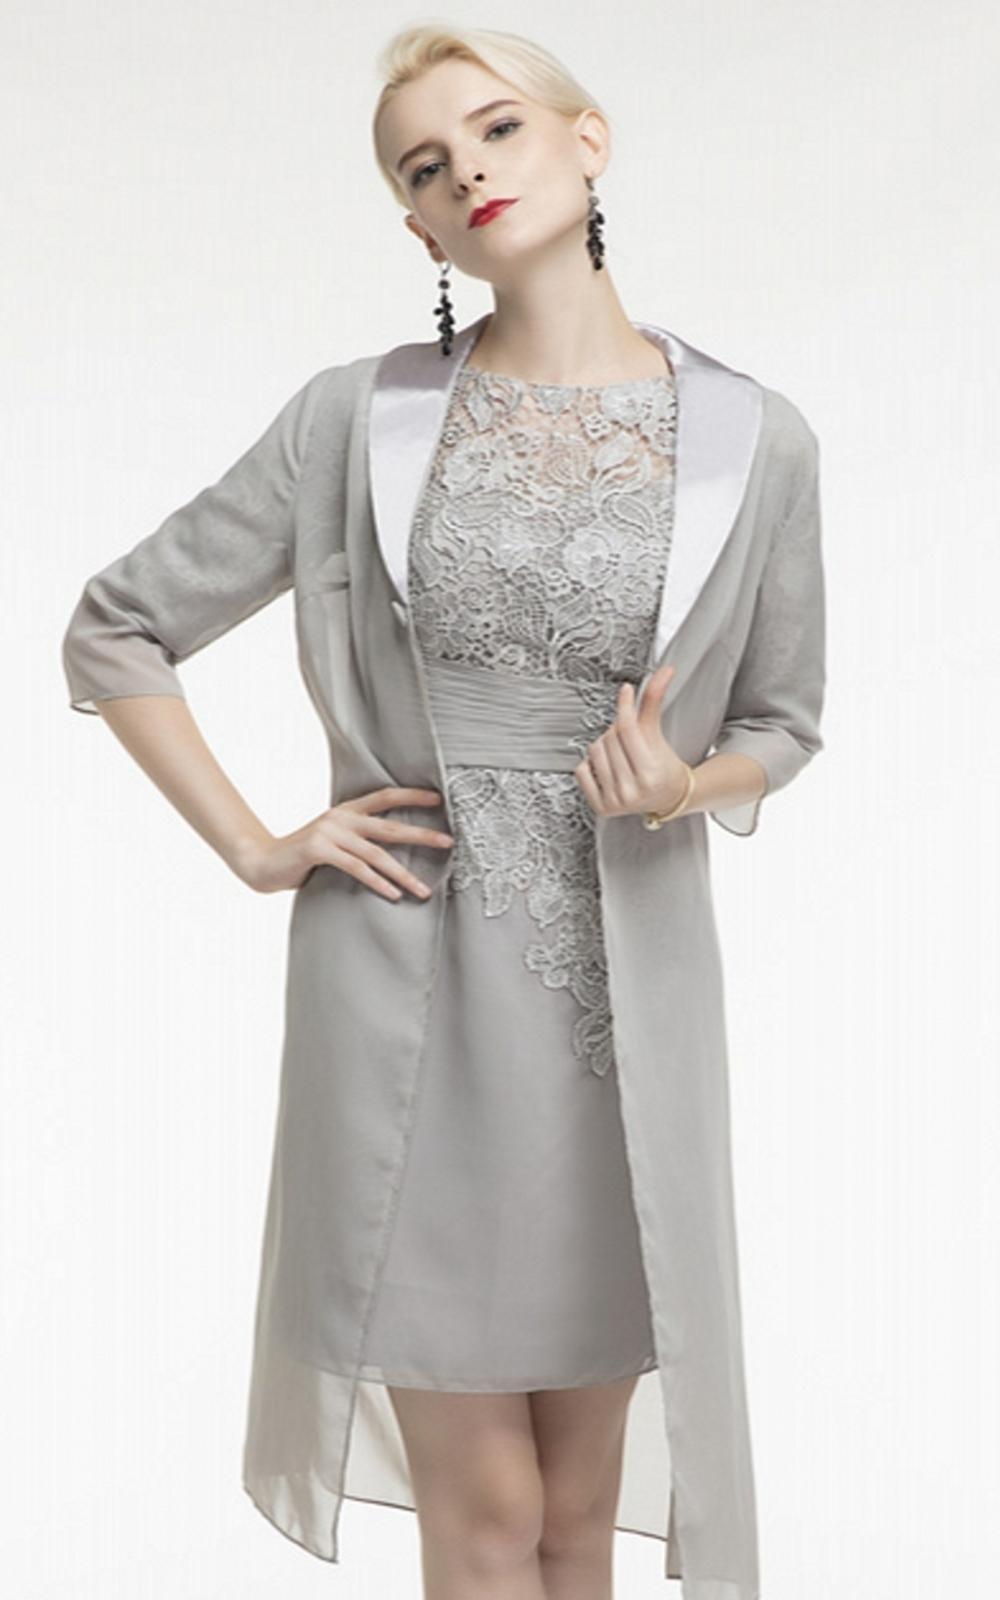 Plus Size joelho Curto mãe dos vestidos de noiva manga comprida Jacket Lace Mãe vestidos formais prata vestido de noite